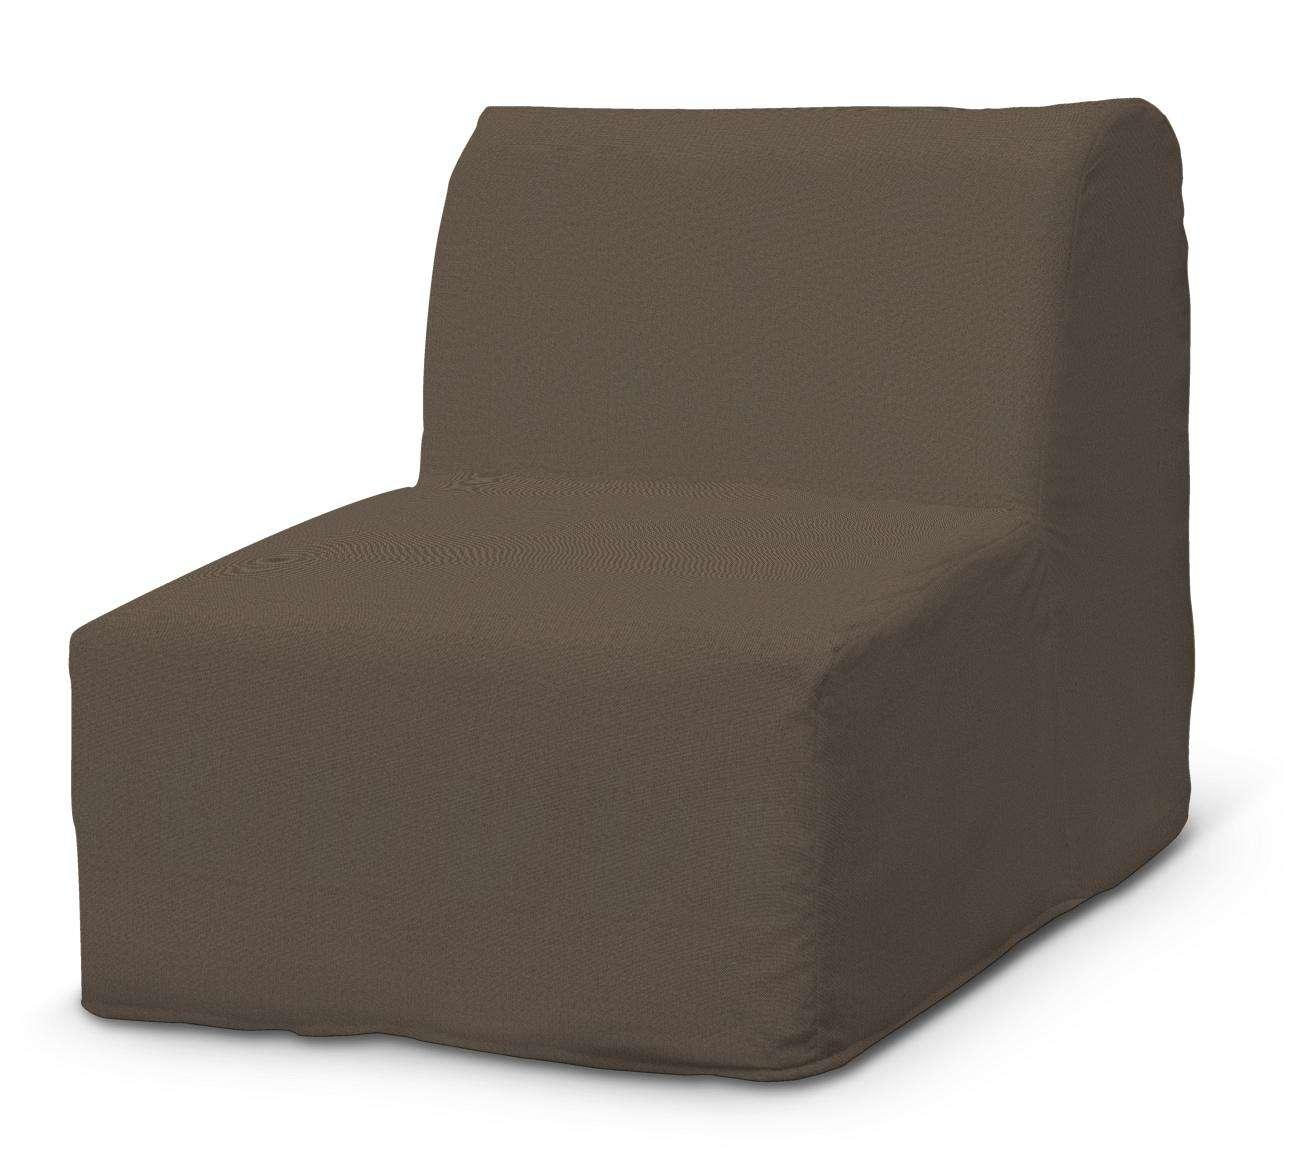 Lycksele fotelio užvalkalas kolekcijoje Etna , audinys: 705-08